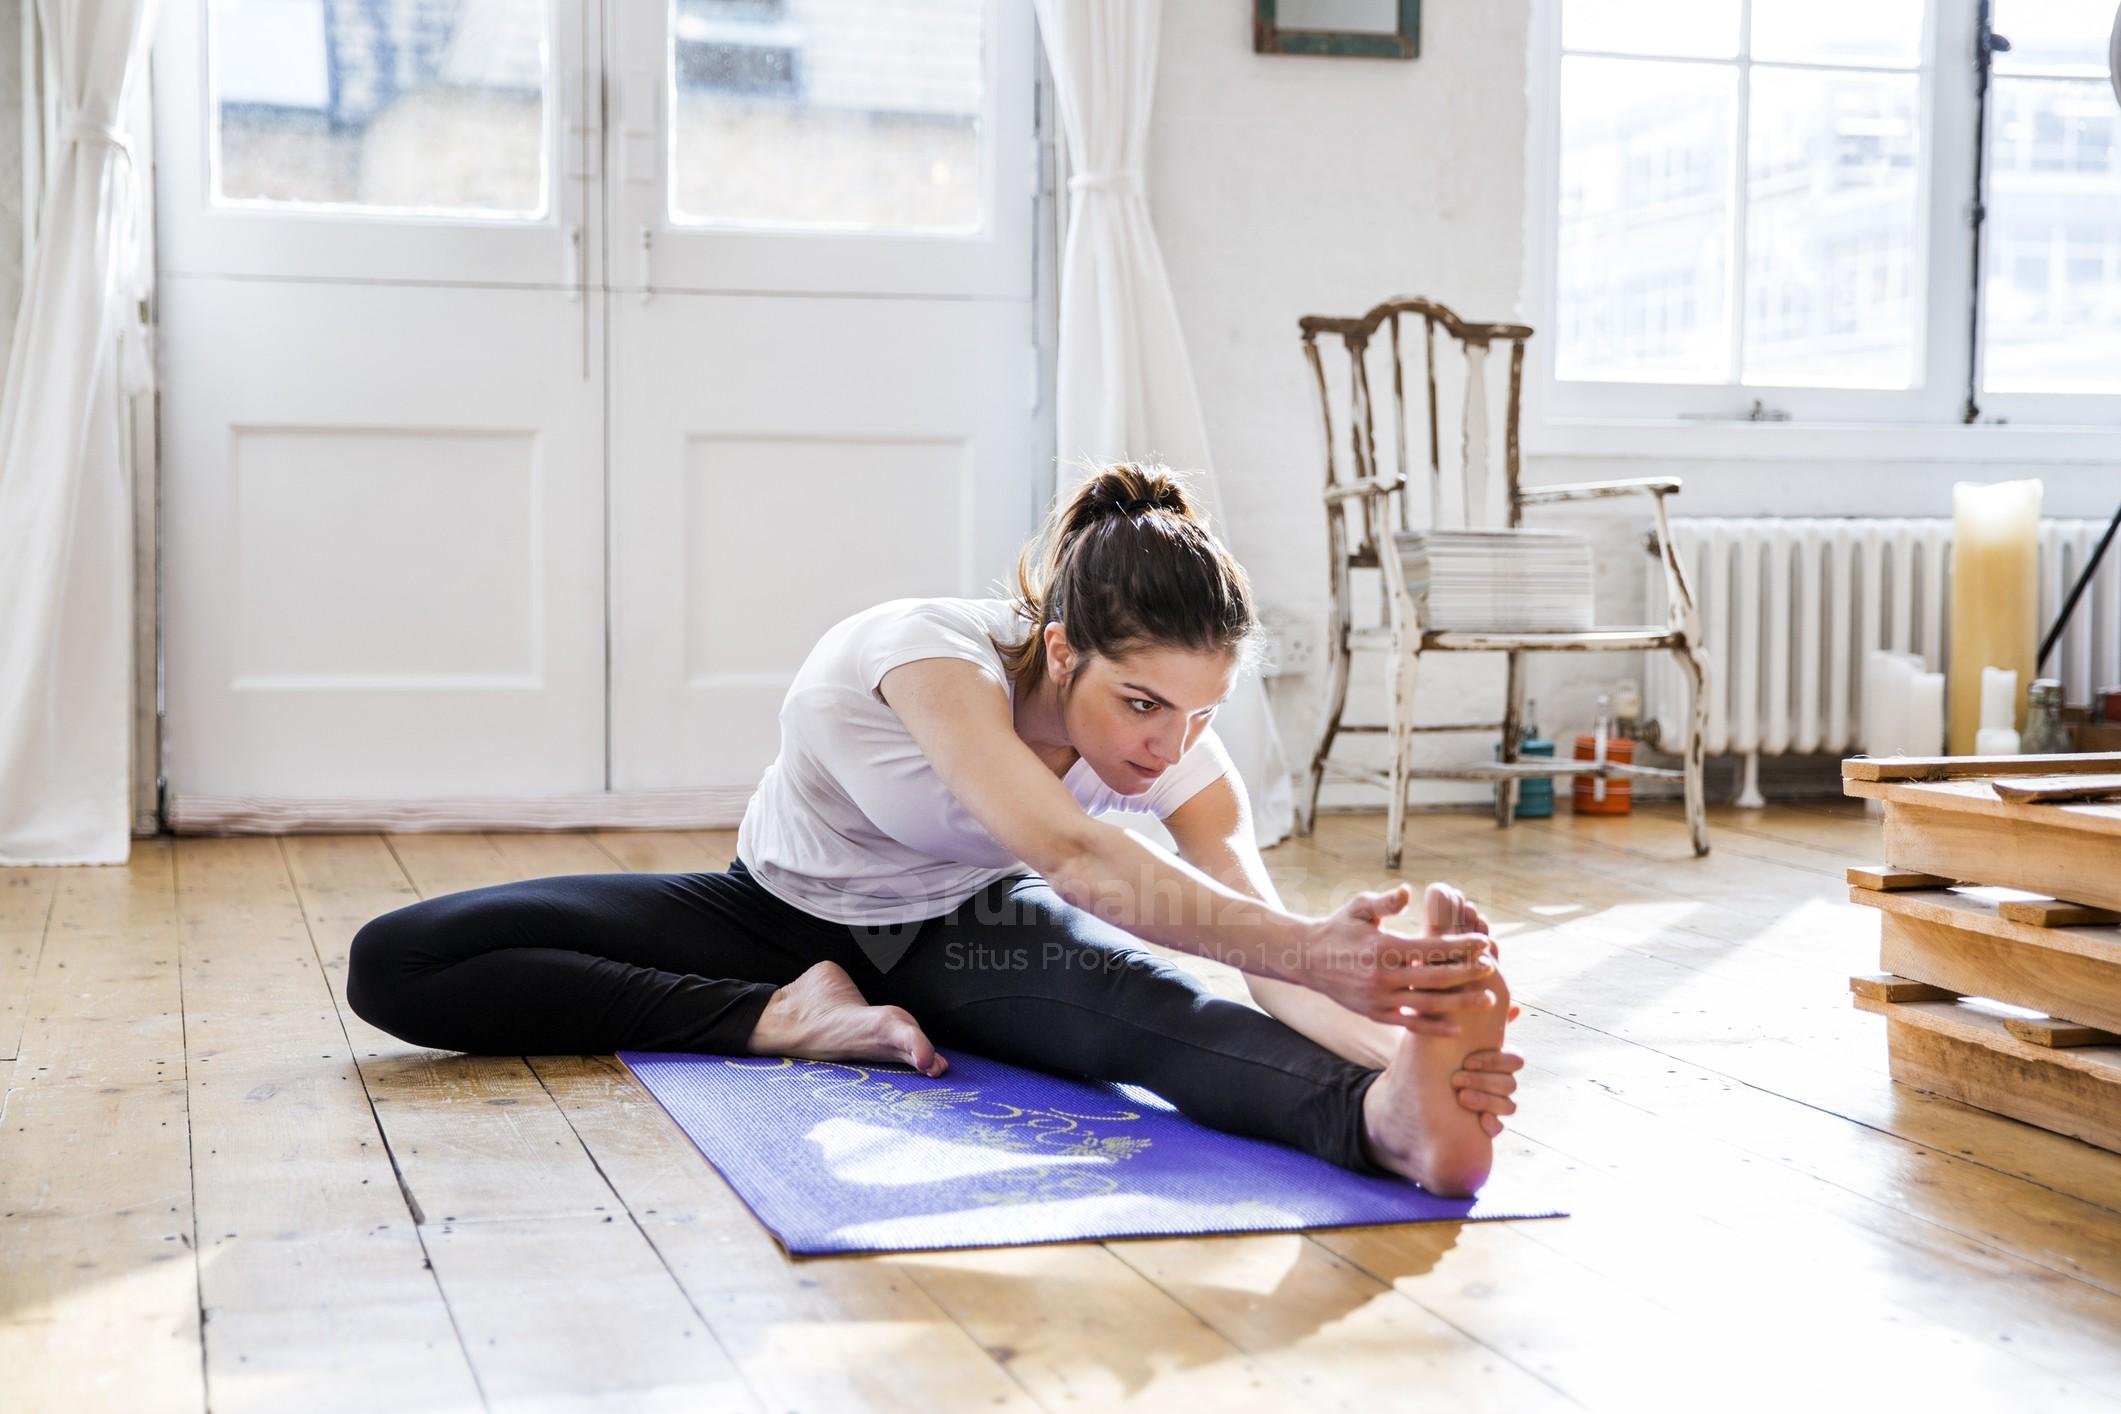 Olahraga yang Bisa Kamu Lakukan di Rumah Saat Puasa | Rumah123.com